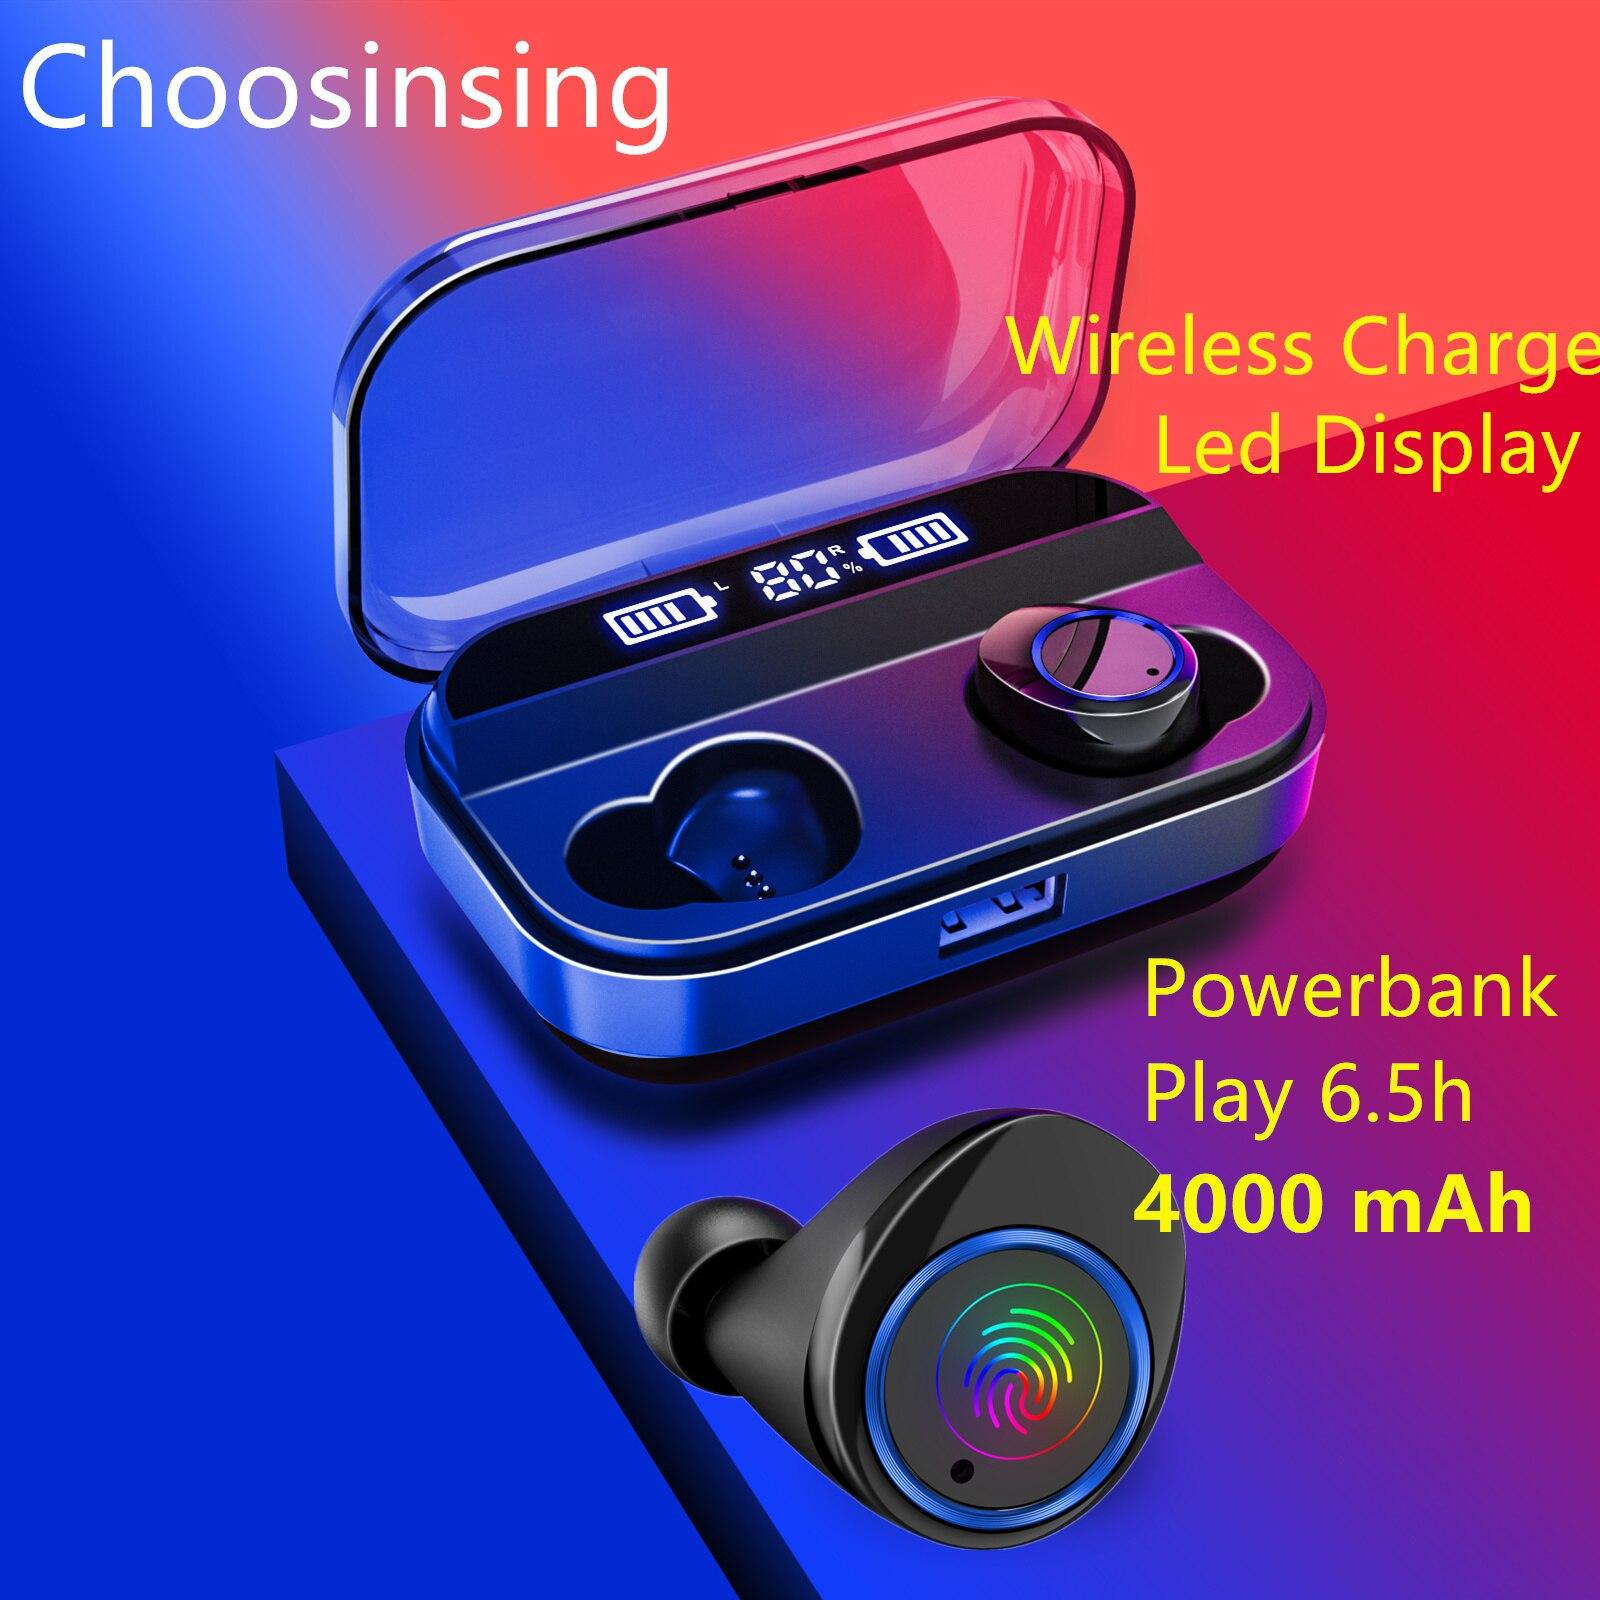 TWS HIFI Dans L'oreille Casque Écouteurs Peuvent être mini batterie externe Chargeur pour Téléphone Portable Sport Bluetooth Écouteur Sans Fil Actif Bouchon D'oreille